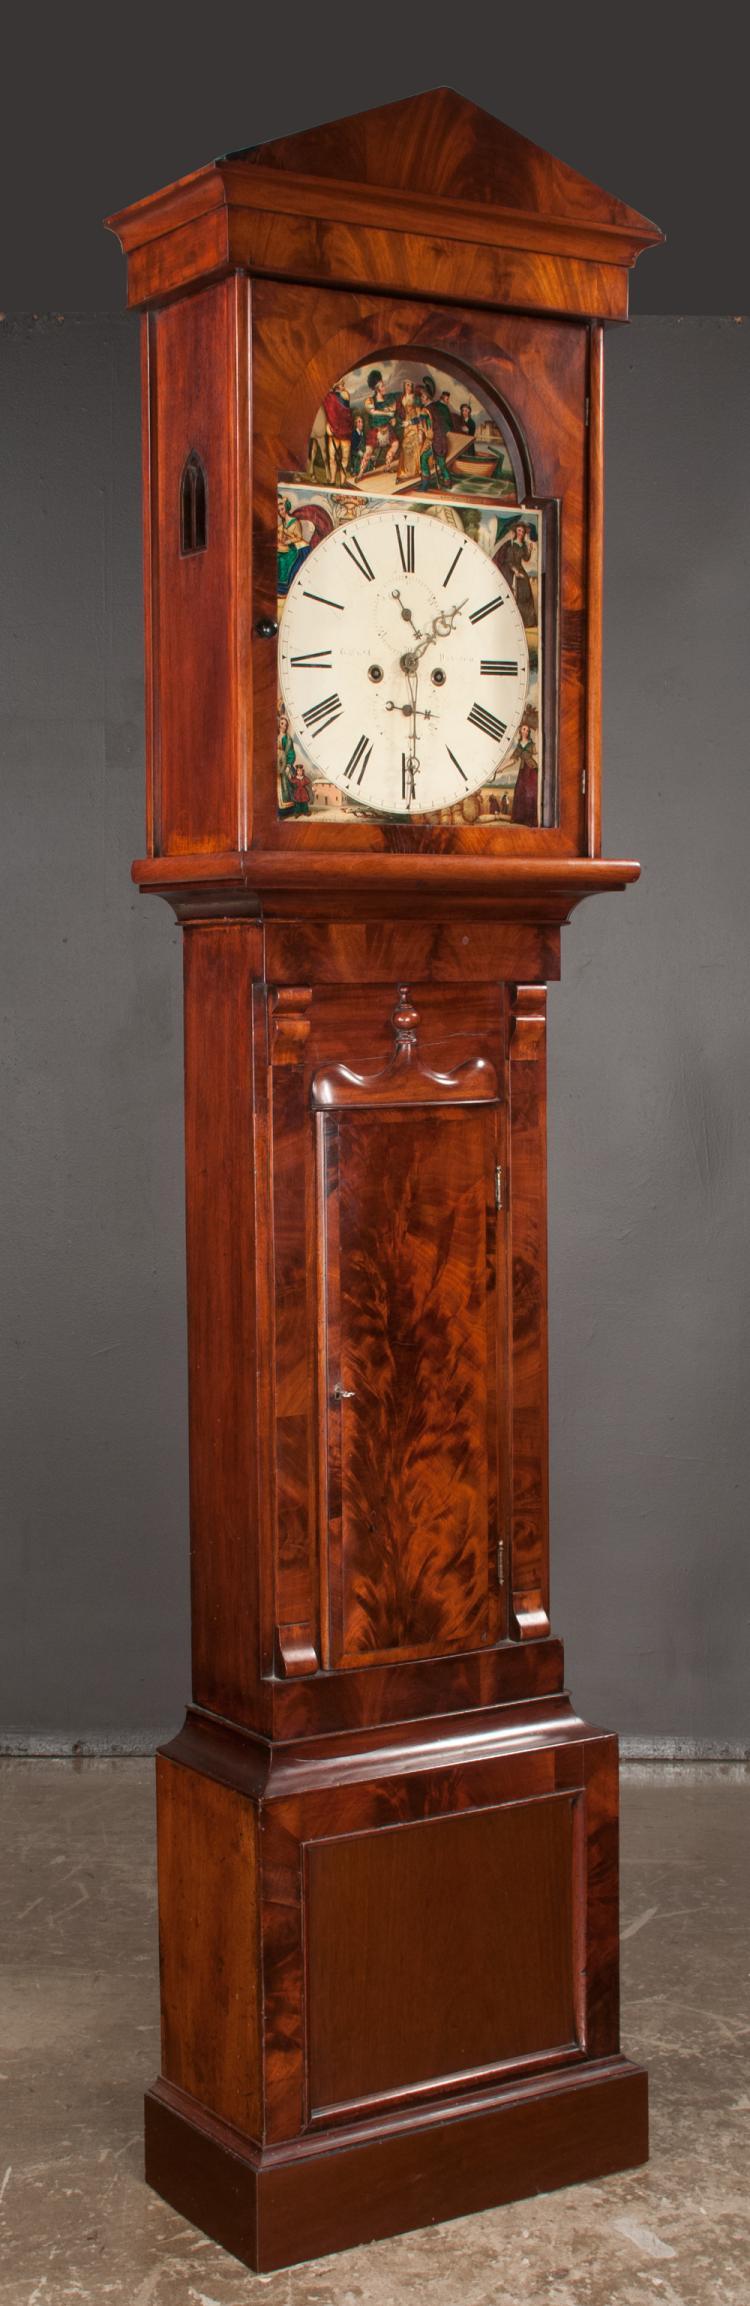 Scottish Longcase Mahogany Clock Made In Paisley 8 Day Move